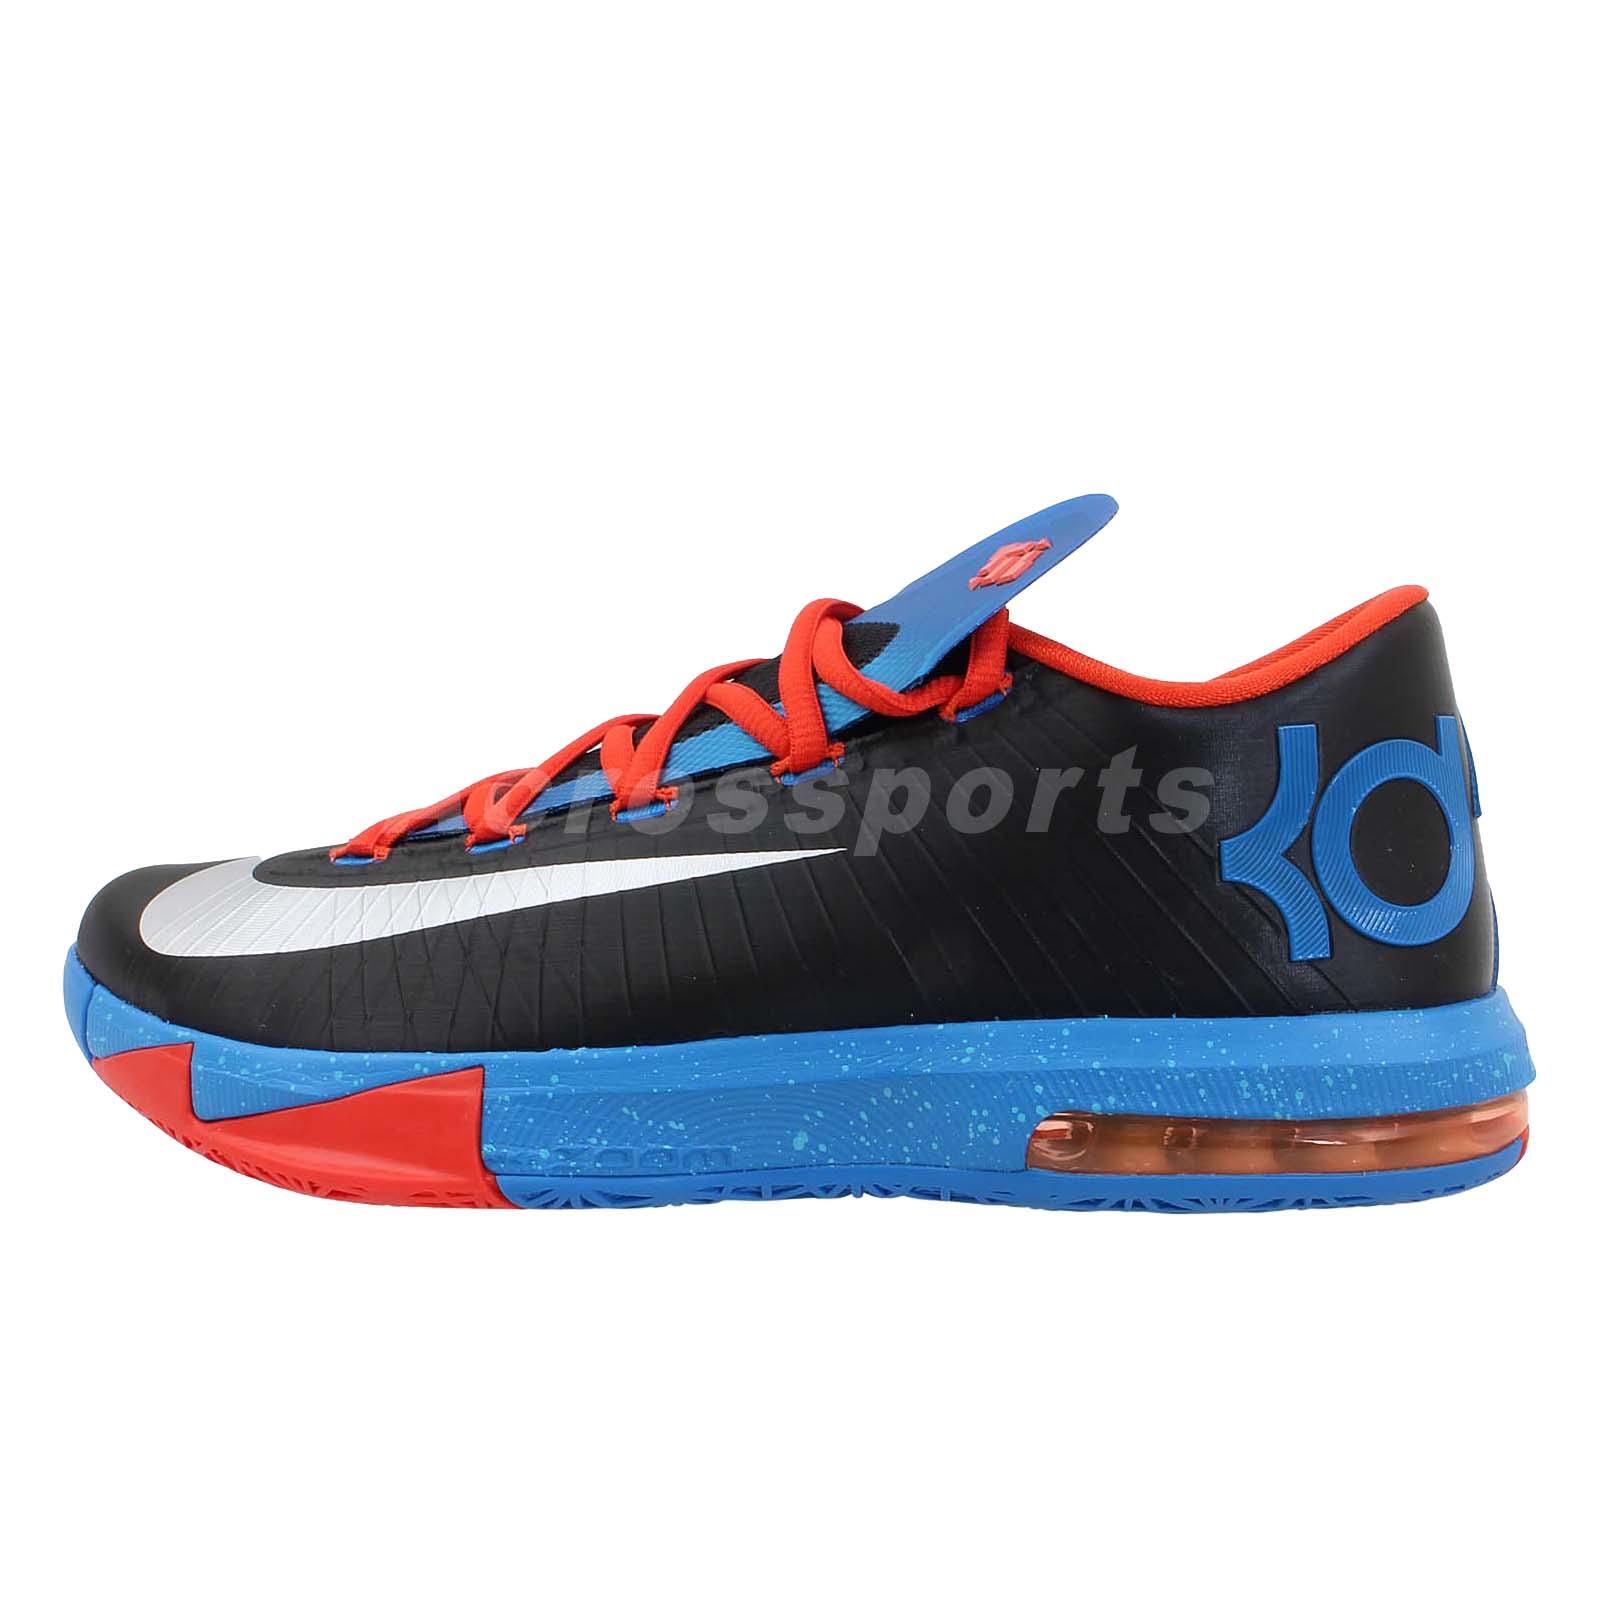 nike kd vi 6 2013 mens basketball shoes air max okc